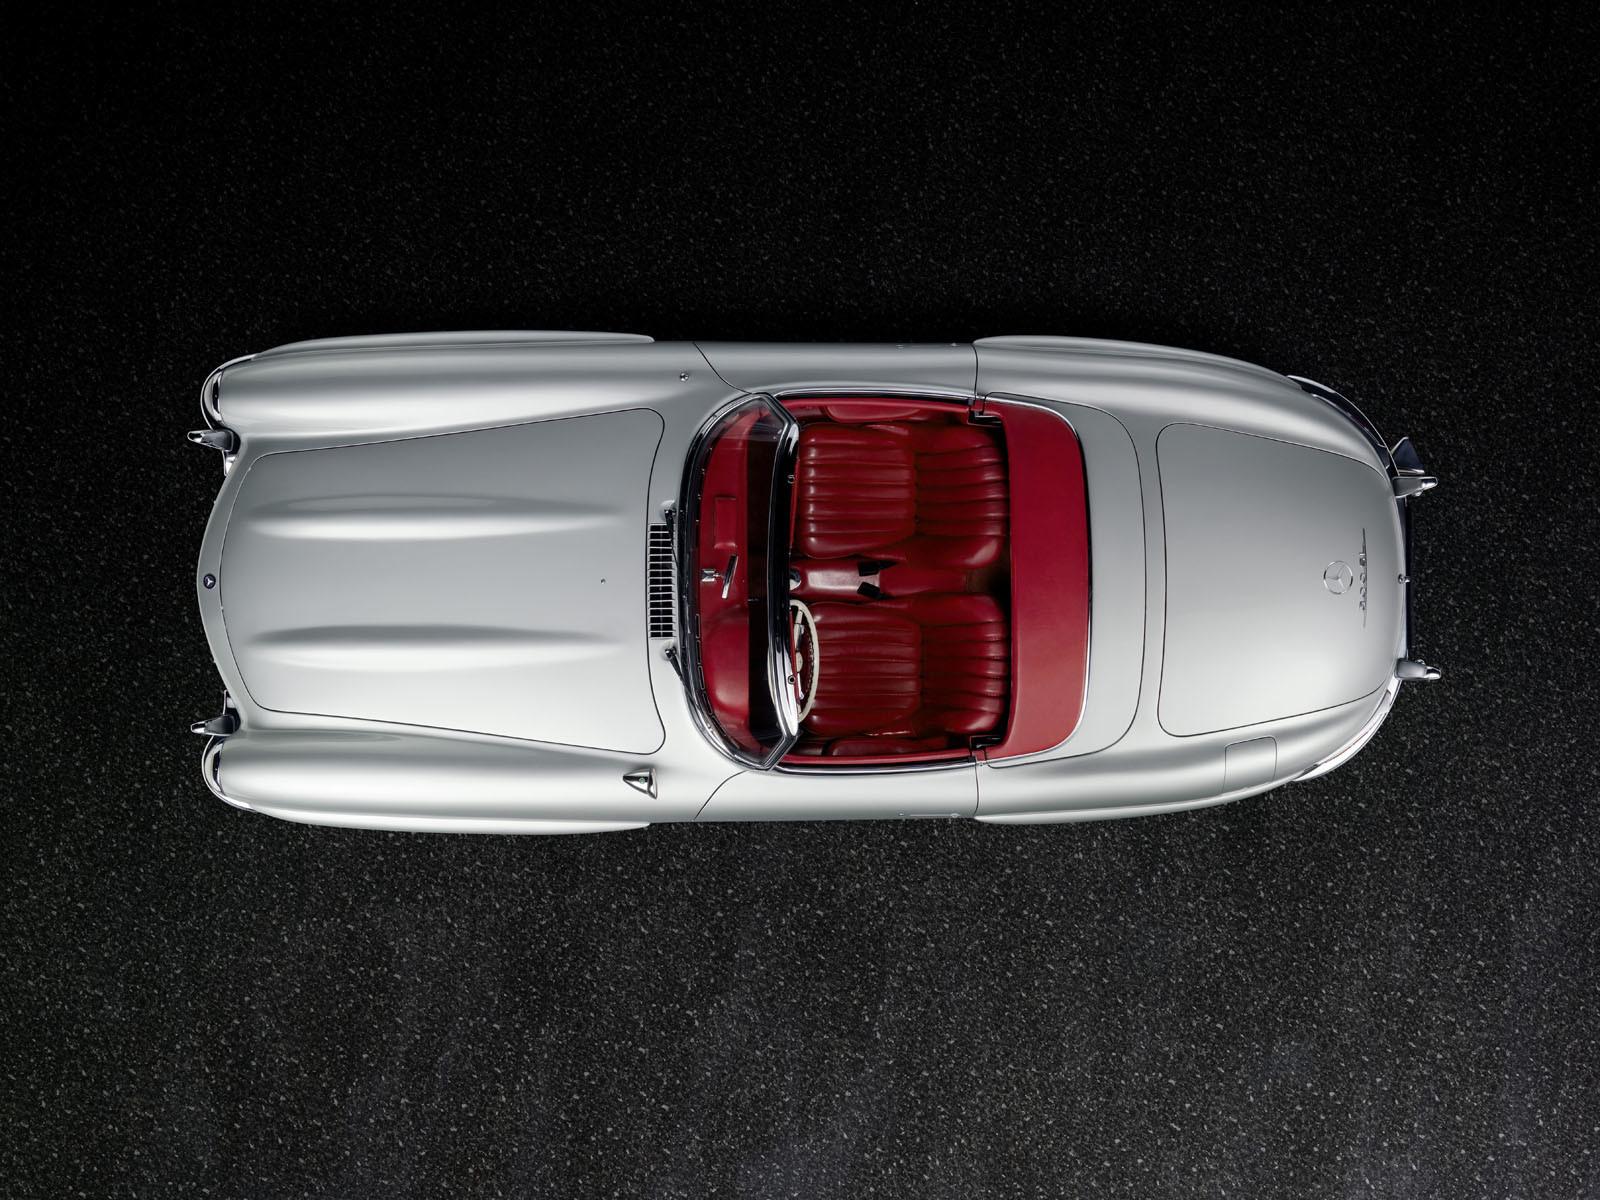 Foto de Mercedes 300 SL Roadster (60 aniversario) (13/21)